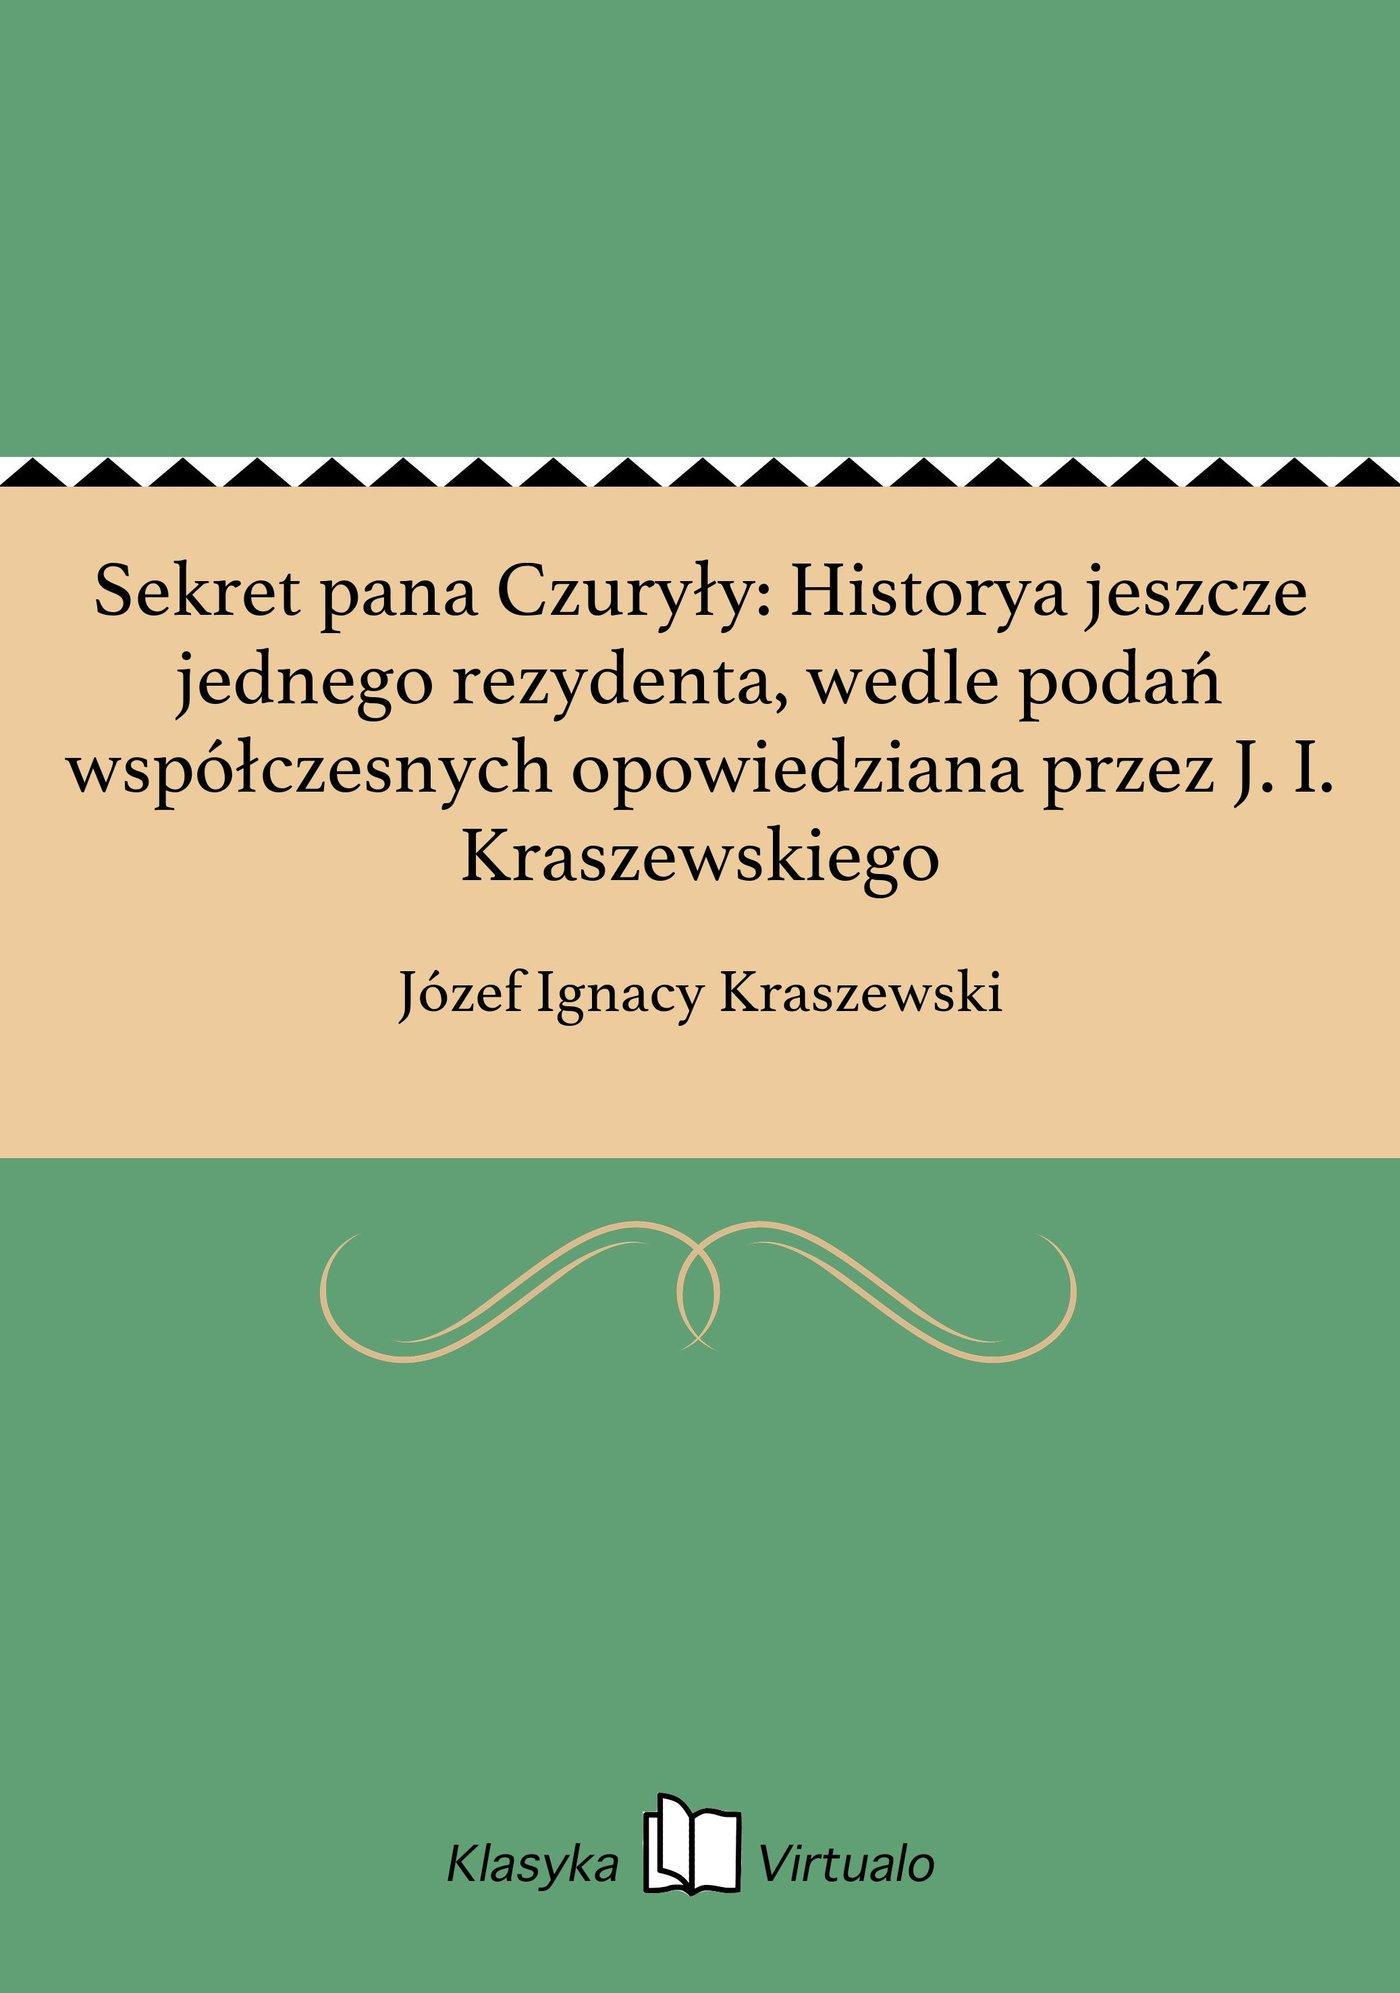 Sekret pana Czuryły: Historya jeszcze jednego rezydenta, wedle podań współczesnych opowiedziana przez J. I. Kraszewskiego - Ebook (Książka EPUB) do pobrania w formacie EPUB